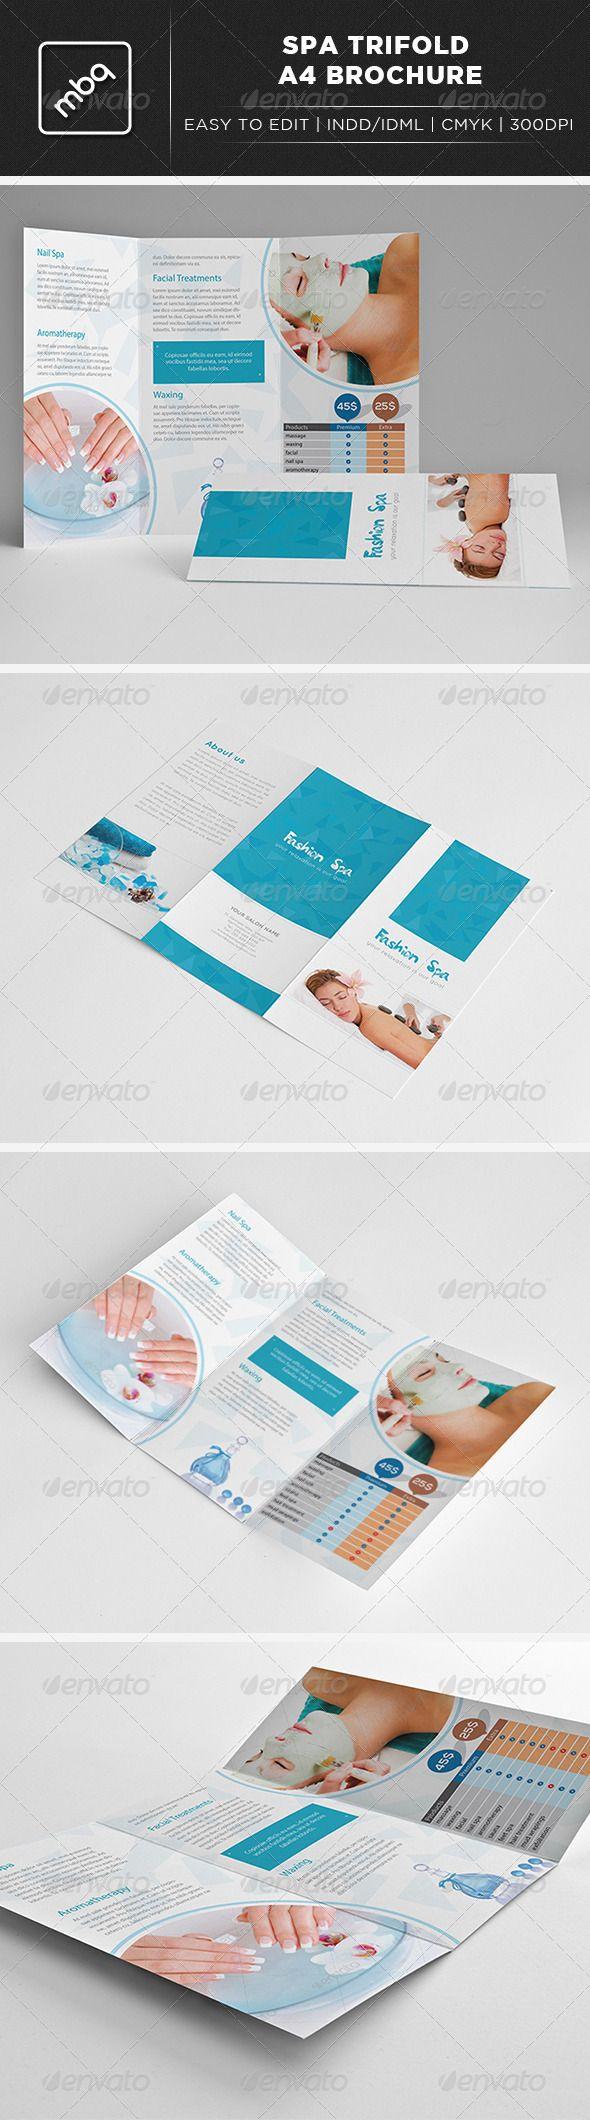 Spa Trifold A4 Brochure #GraphicRiver